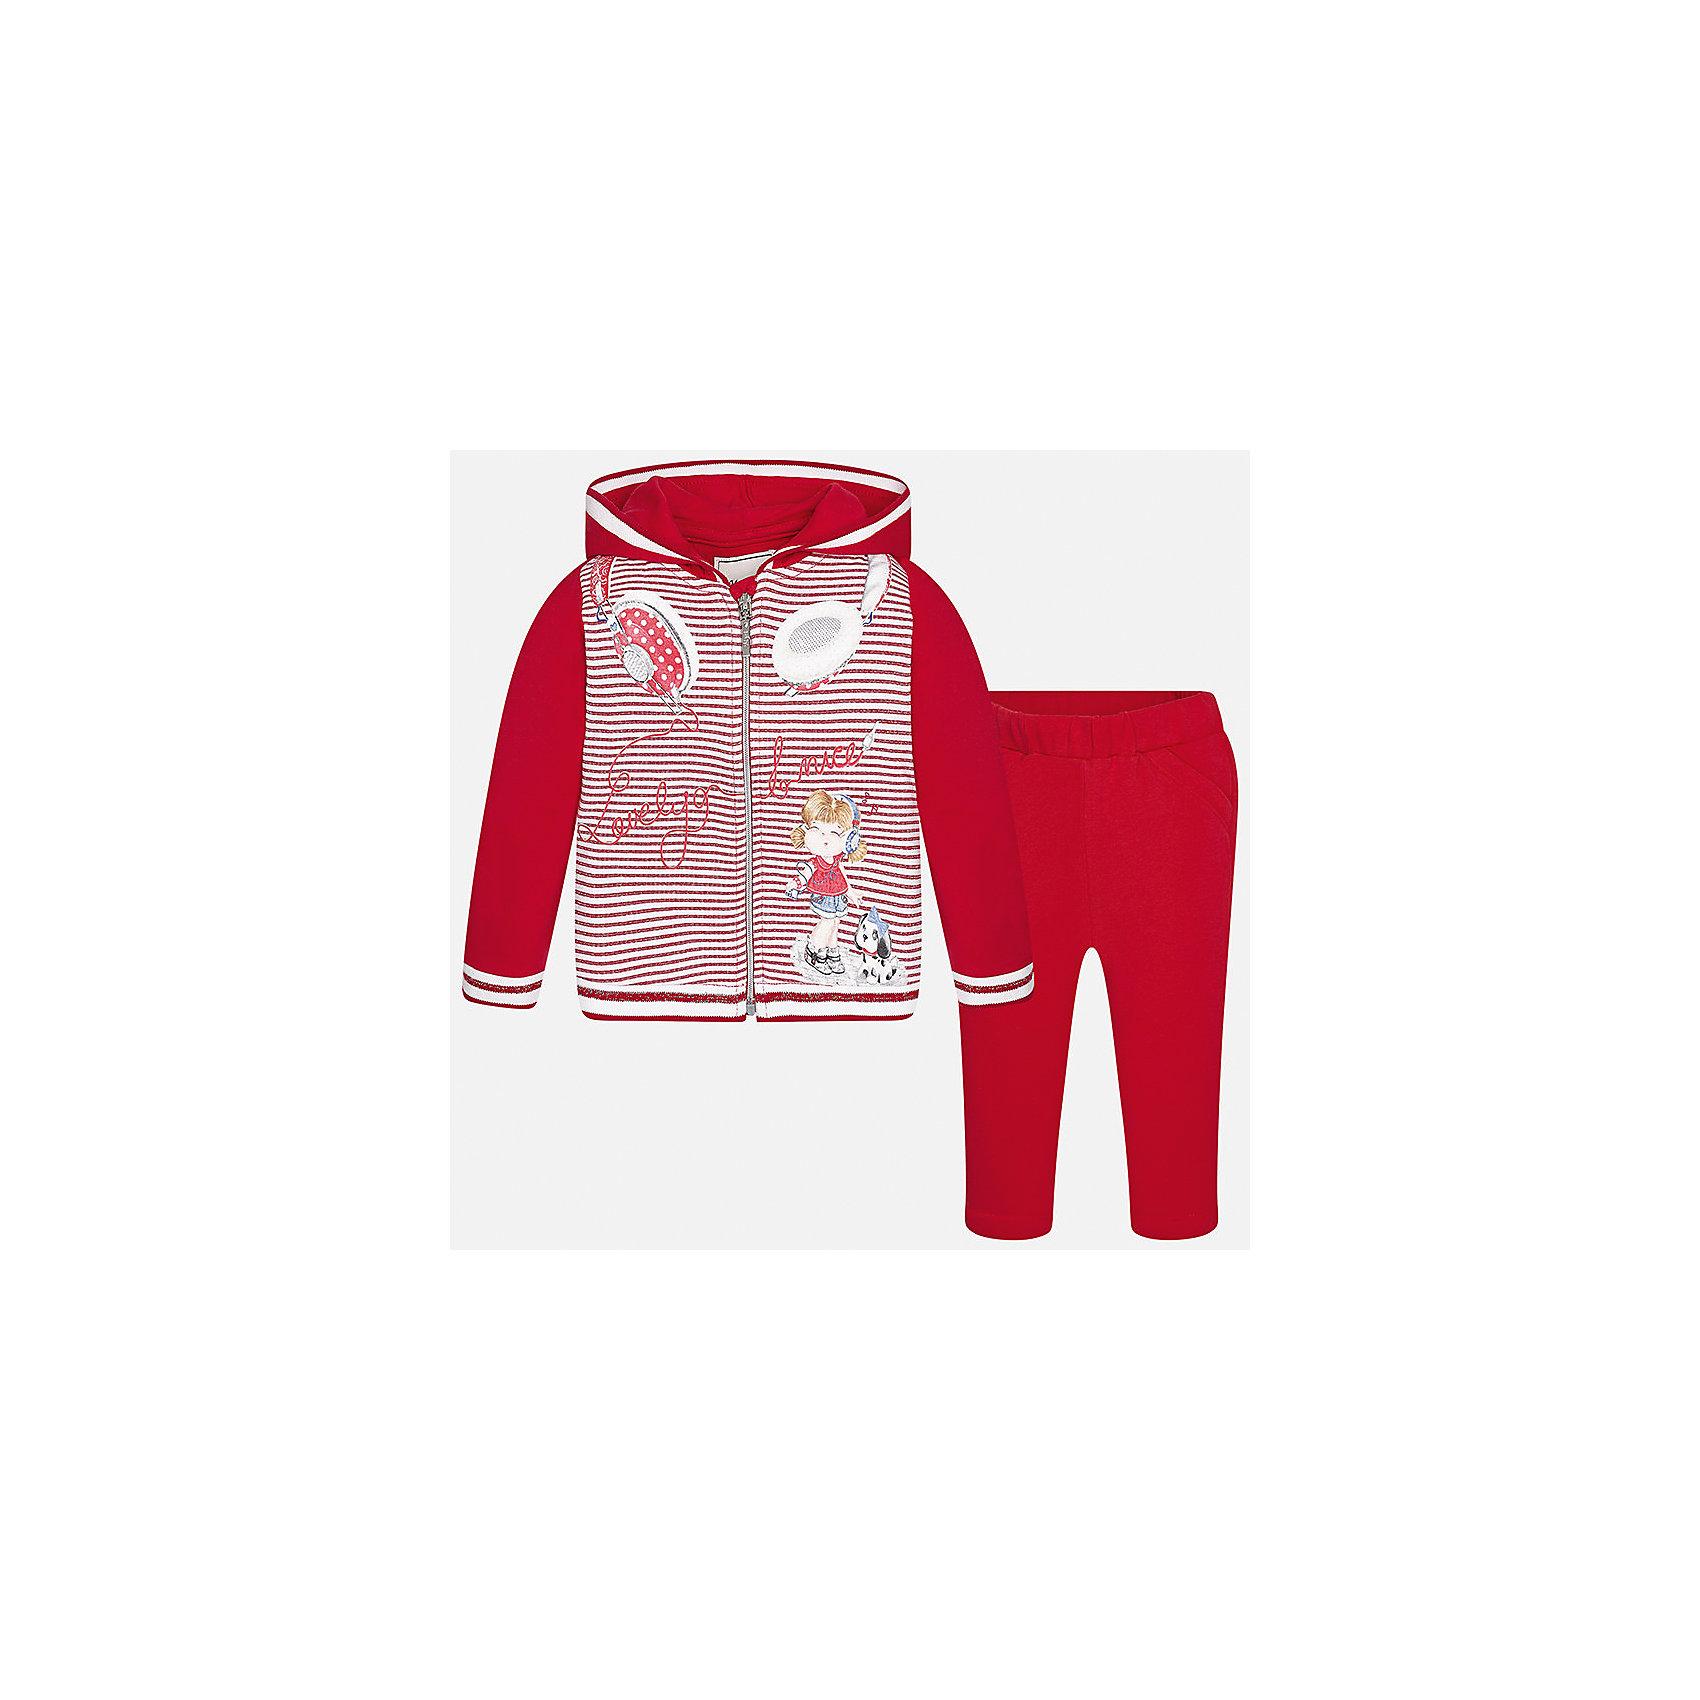 Спортивный костюм для девочки MayoralКомплекты<br>Спортивный костюм для девочки от известной испанской марки Mayoral.<br><br>Ширина мм: 247<br>Глубина мм: 16<br>Высота мм: 140<br>Вес г: 225<br>Цвет: красный<br>Возраст от месяцев: 12<br>Возраст до месяцев: 18<br>Пол: Женский<br>Возраст: Детский<br>Размер: 86,80,92,74<br>SKU: 5289158